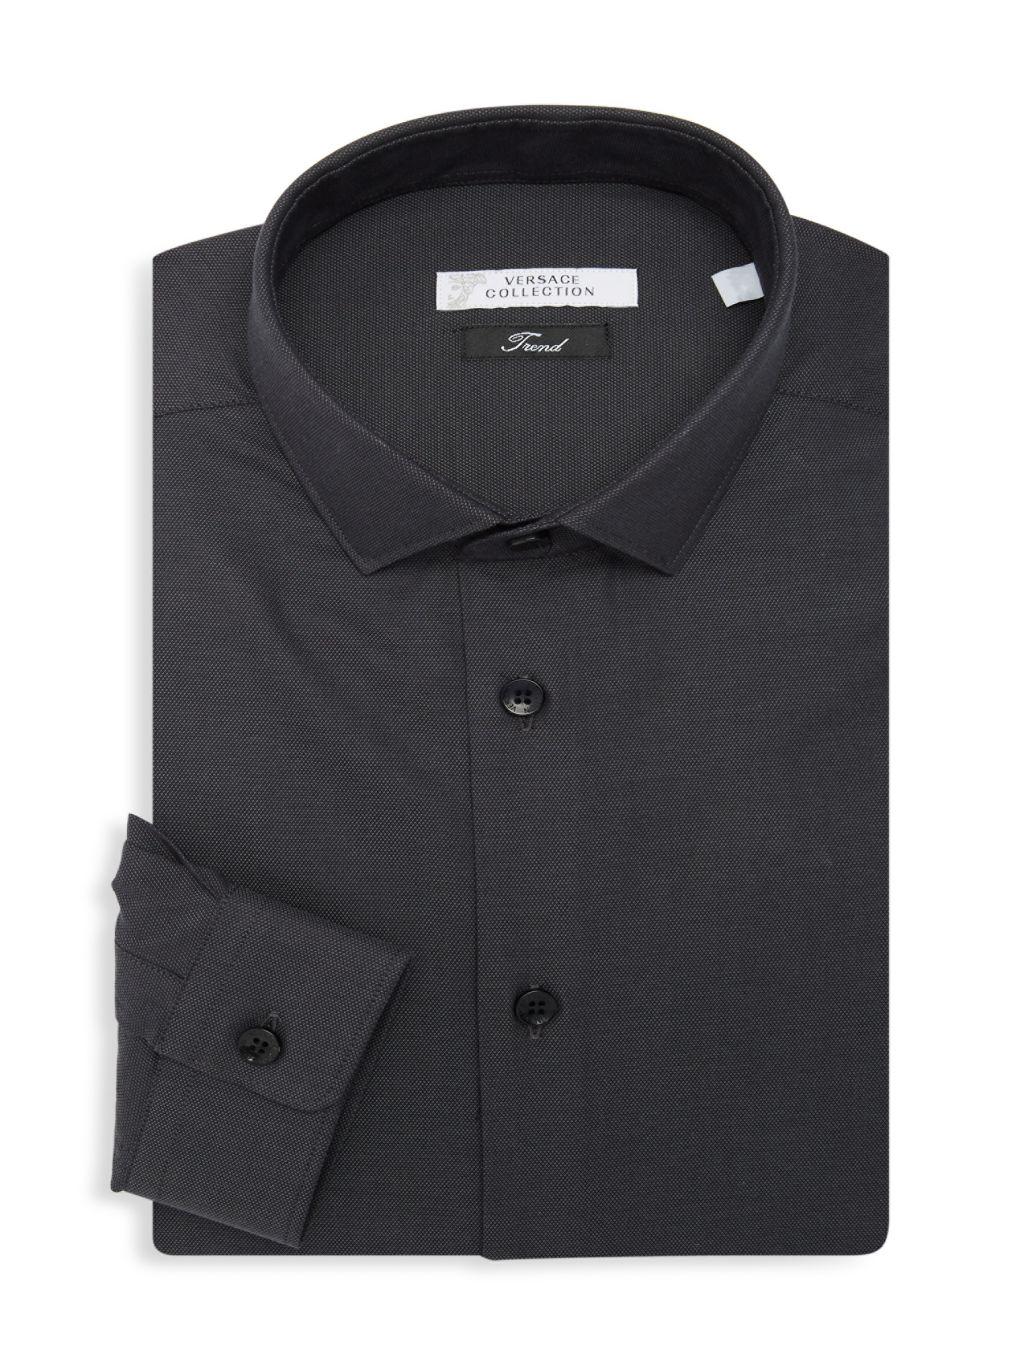 Versace Collection Textured Dress Shirt